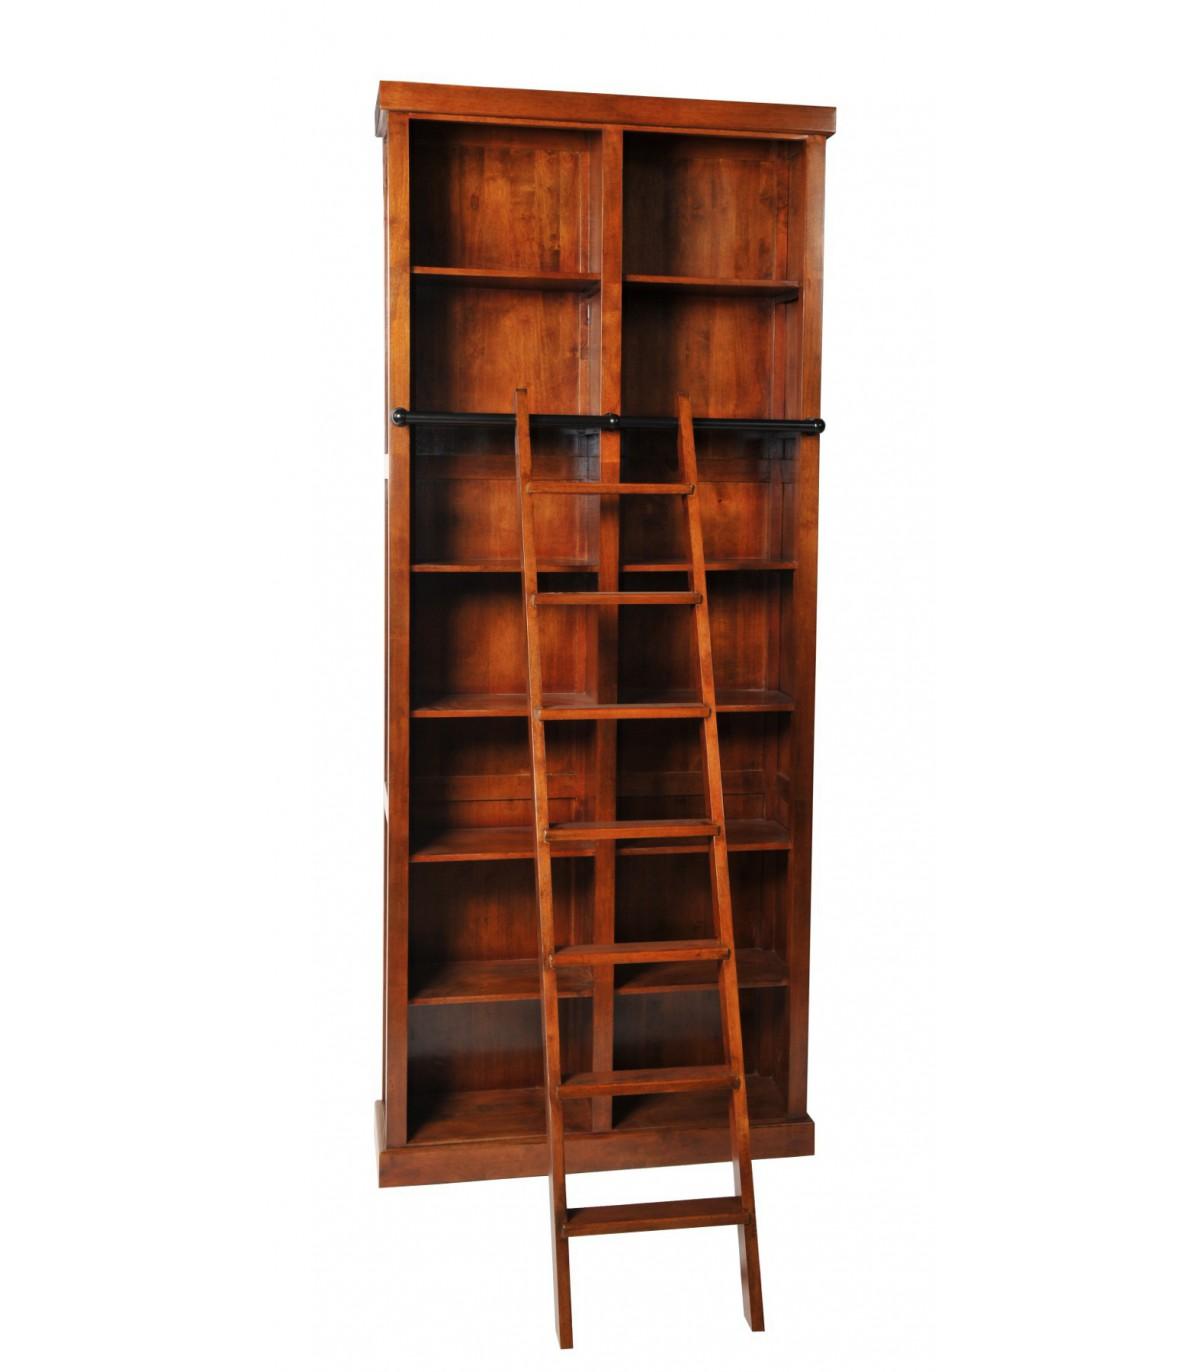 bibliothèque, échelle, bois, classique, meuble hevea, beldeko 641e74f4fb70